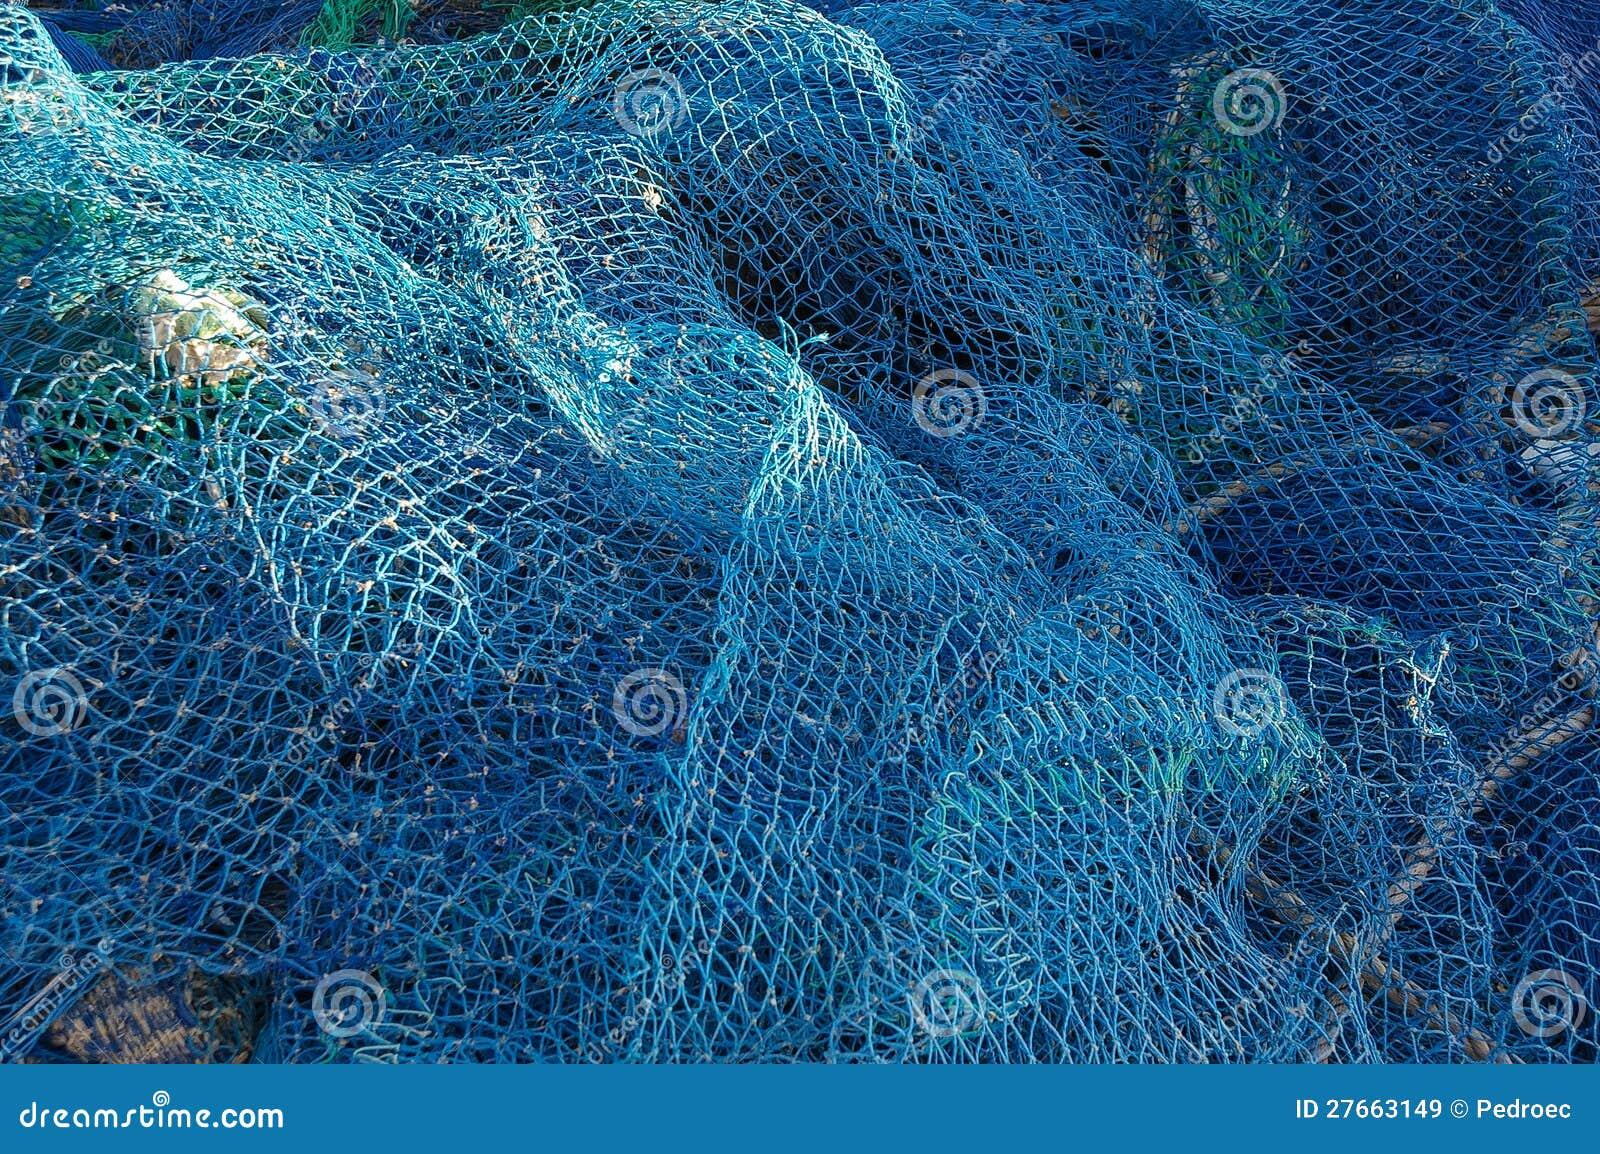 Redes de pesca im genes de archivo libres de regal as - Redes de pesca decorativas ...